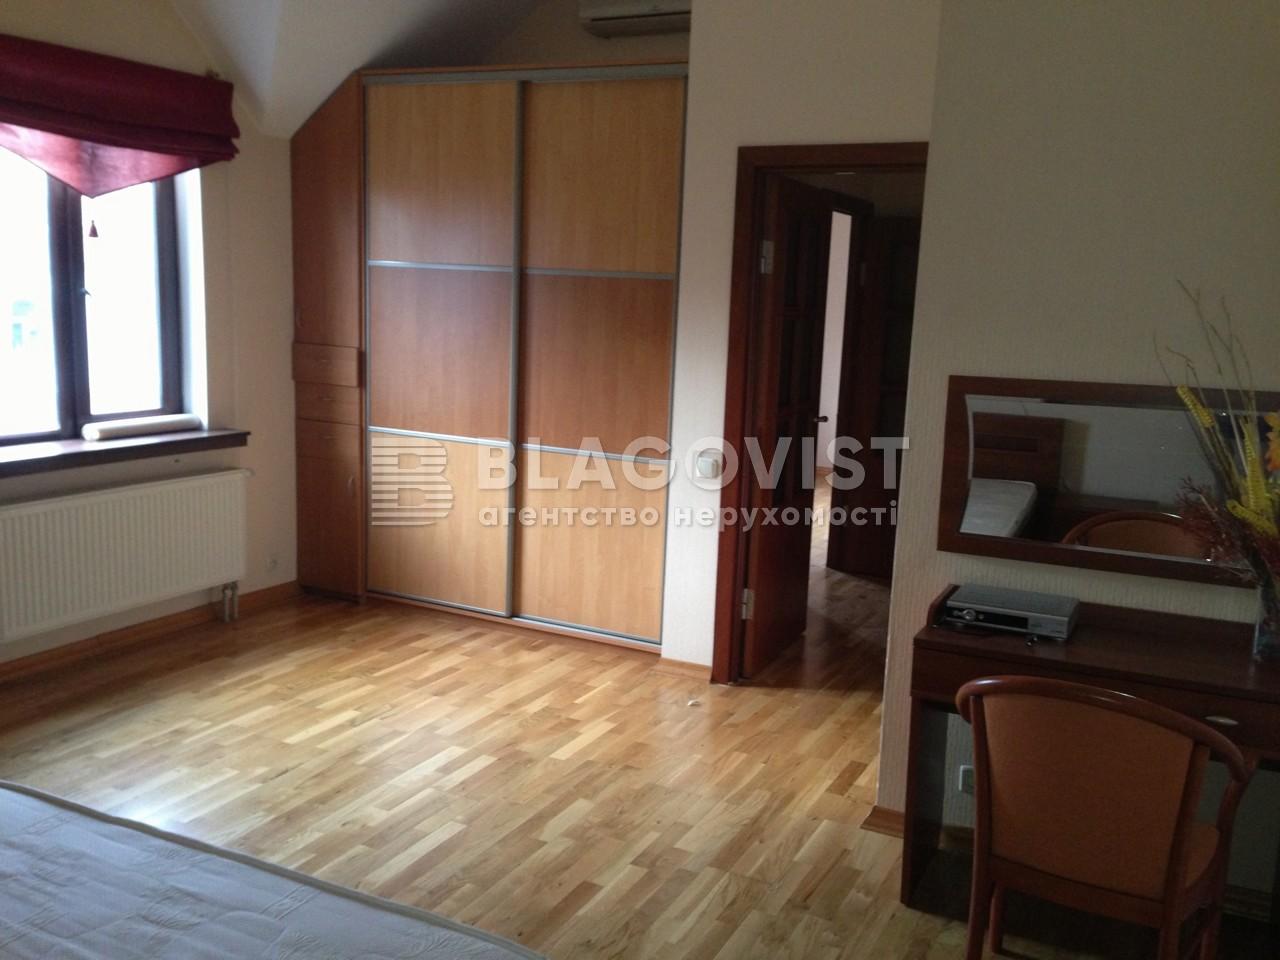 Дом Z-153483, Можайская, Киев - Фото 3